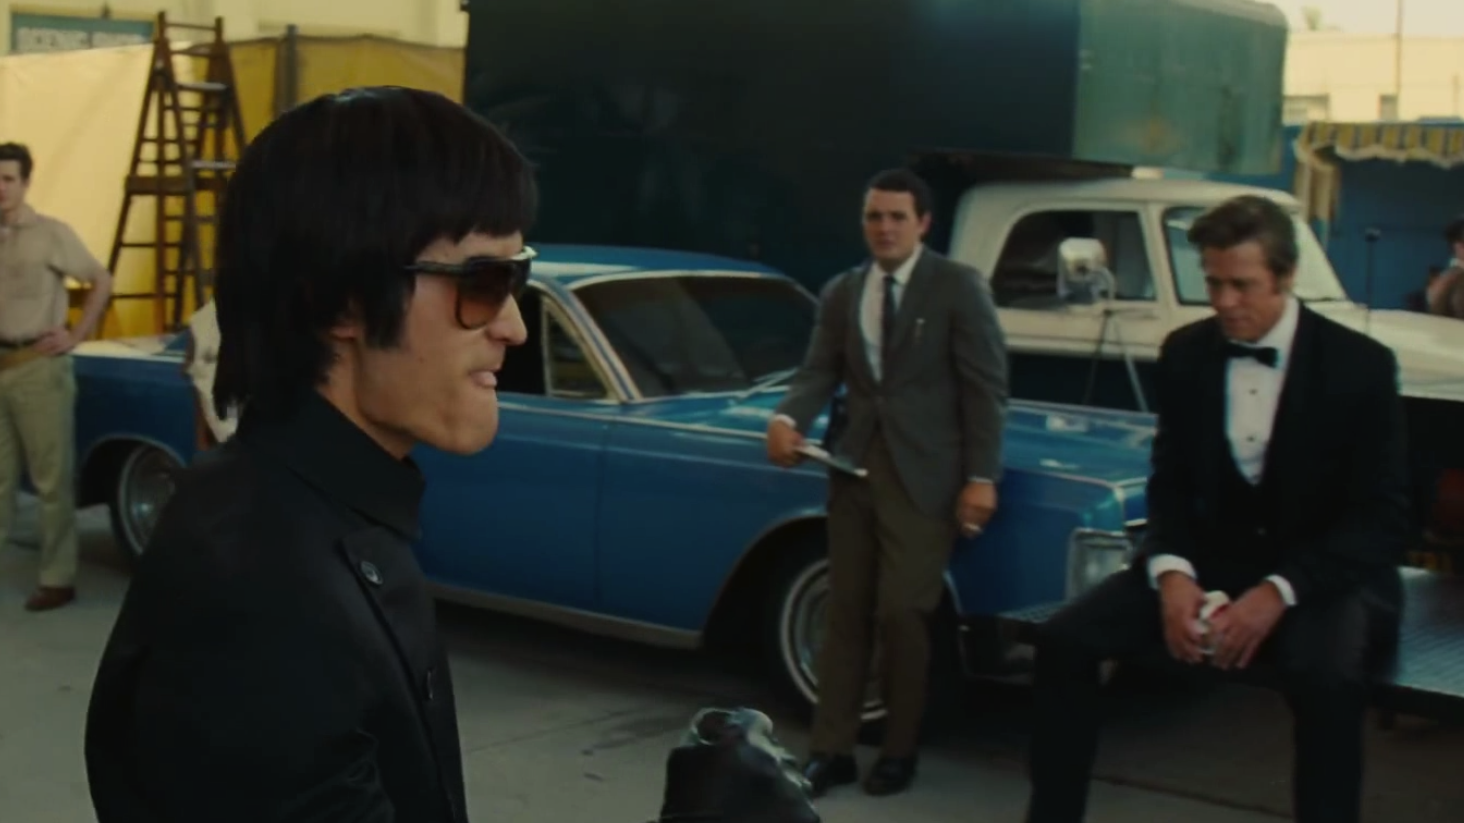 #好莱坞往事#鬼才导演致敬李小龙!两大好莱坞男神重演《好莱坞往事》